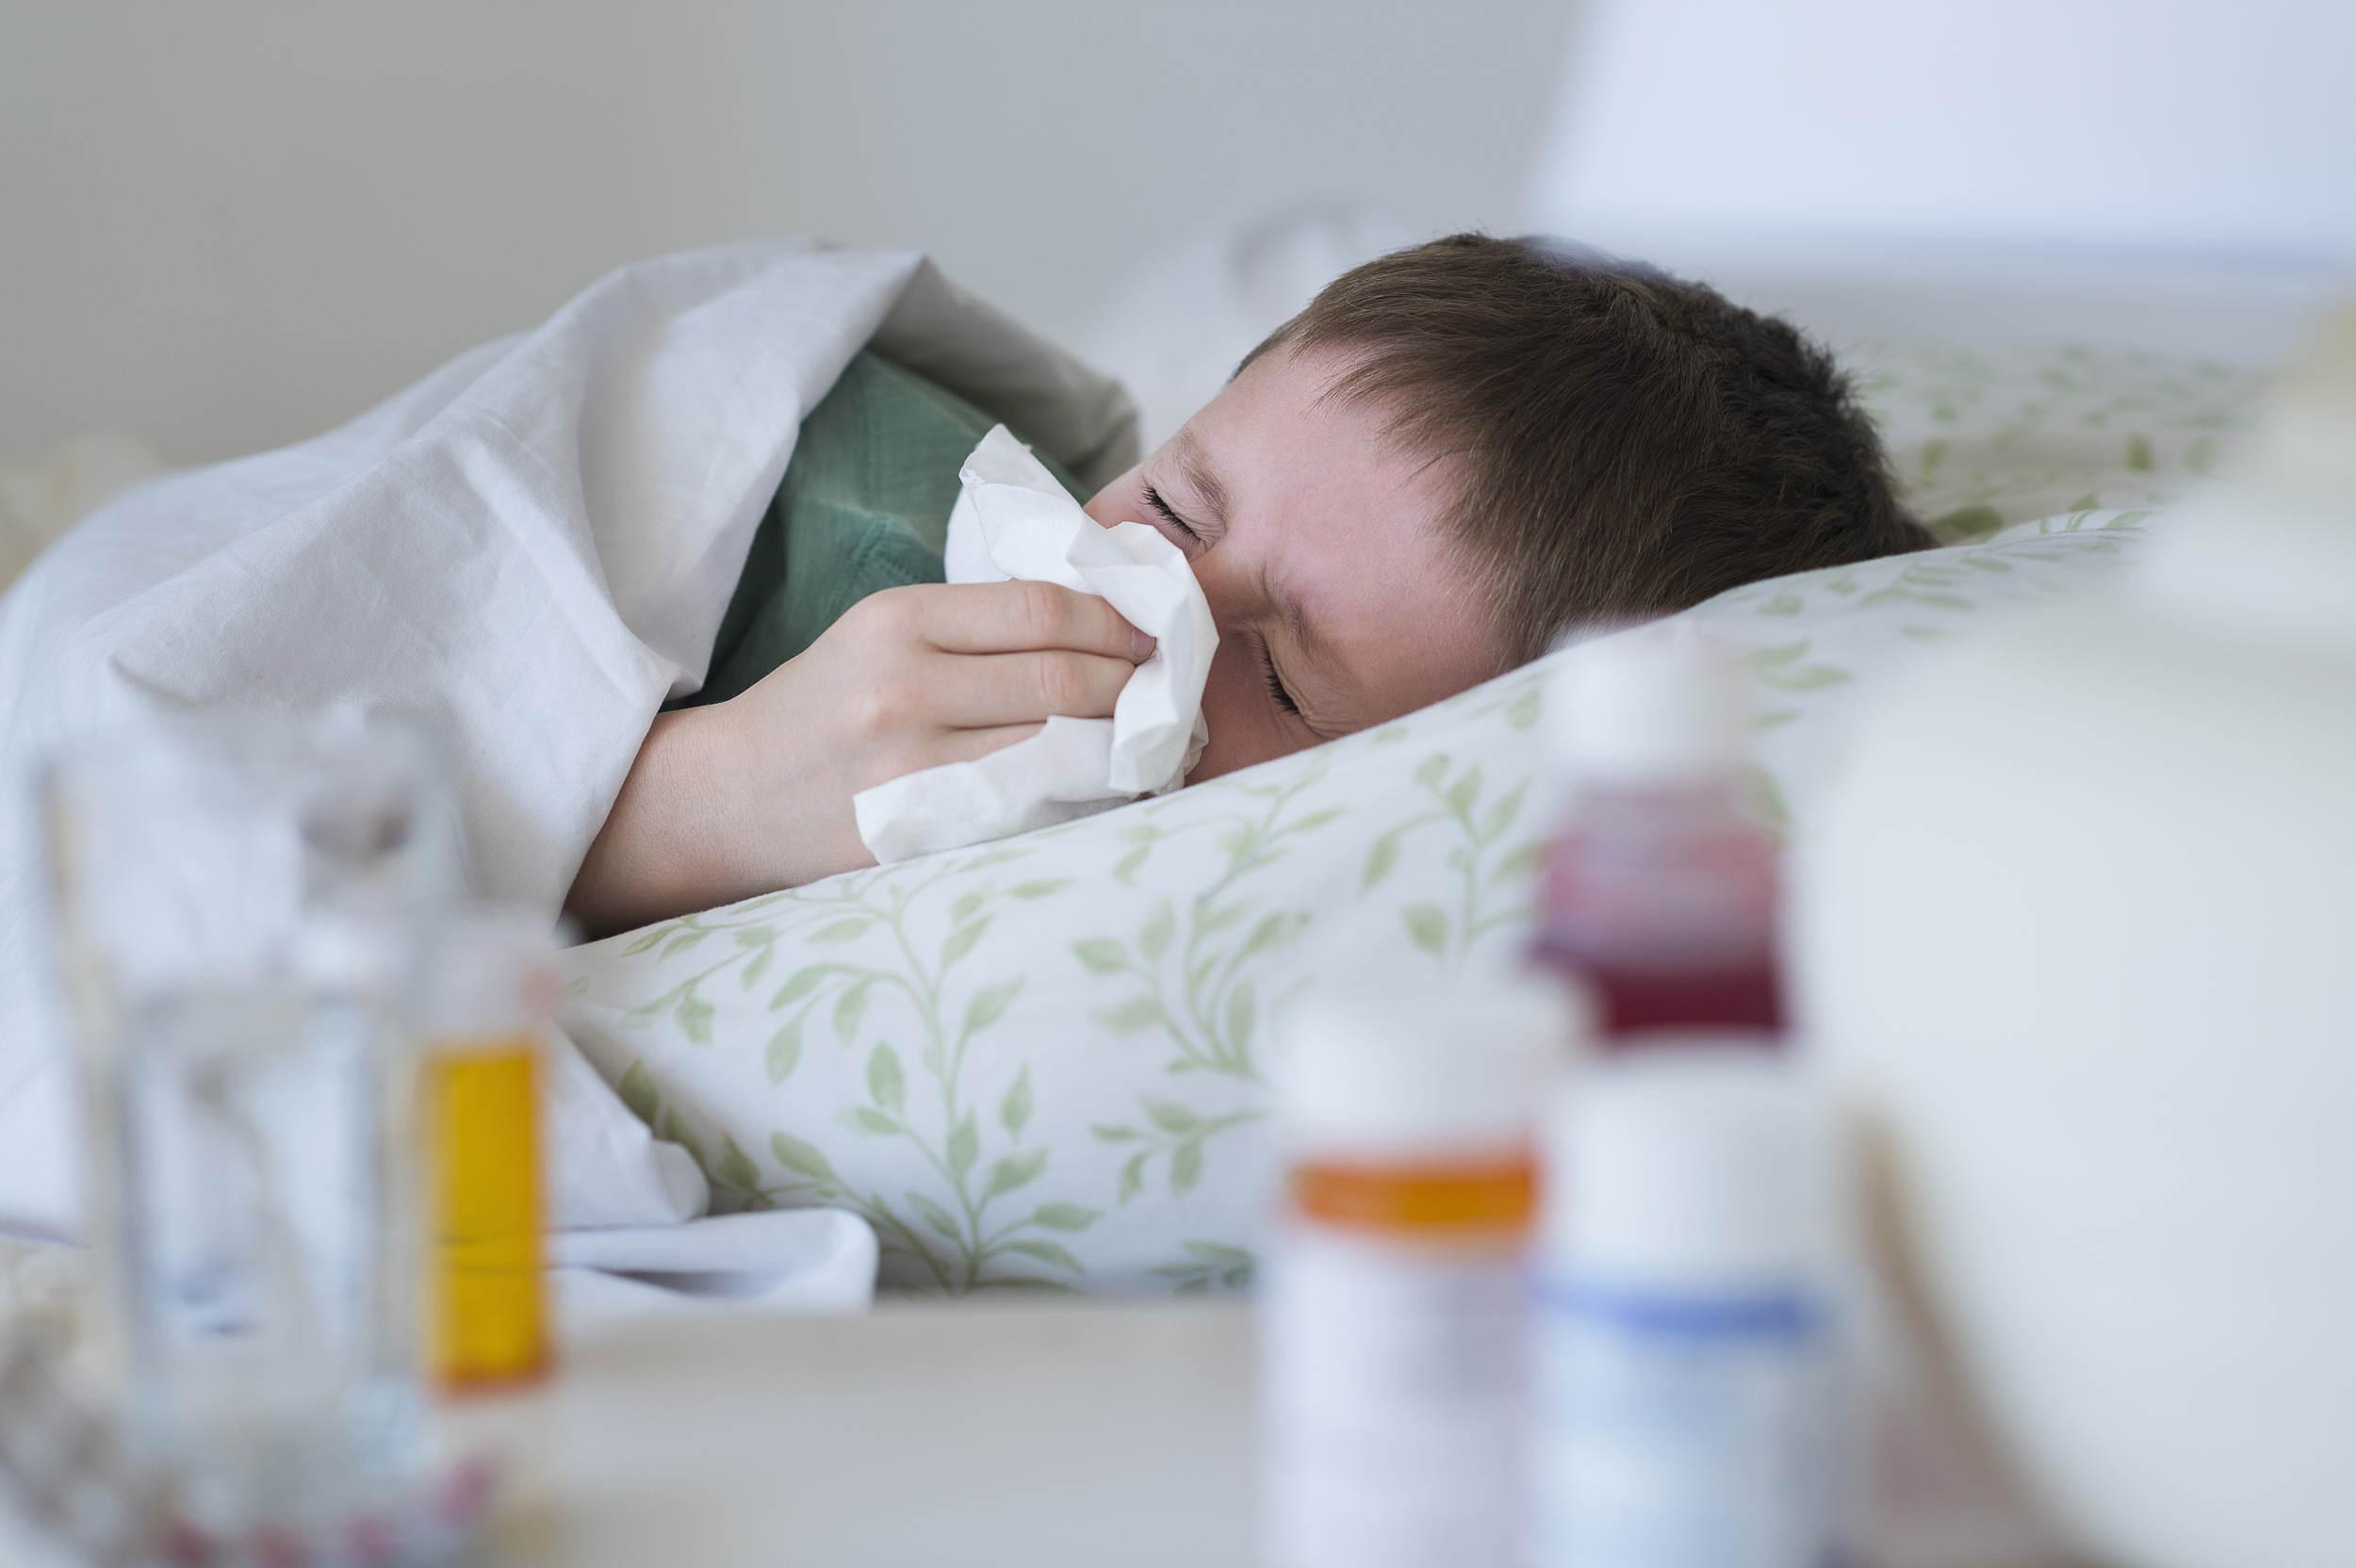 已有孩子中招!嘔吐、腹瀉、發熱,可能感染了這種病毒